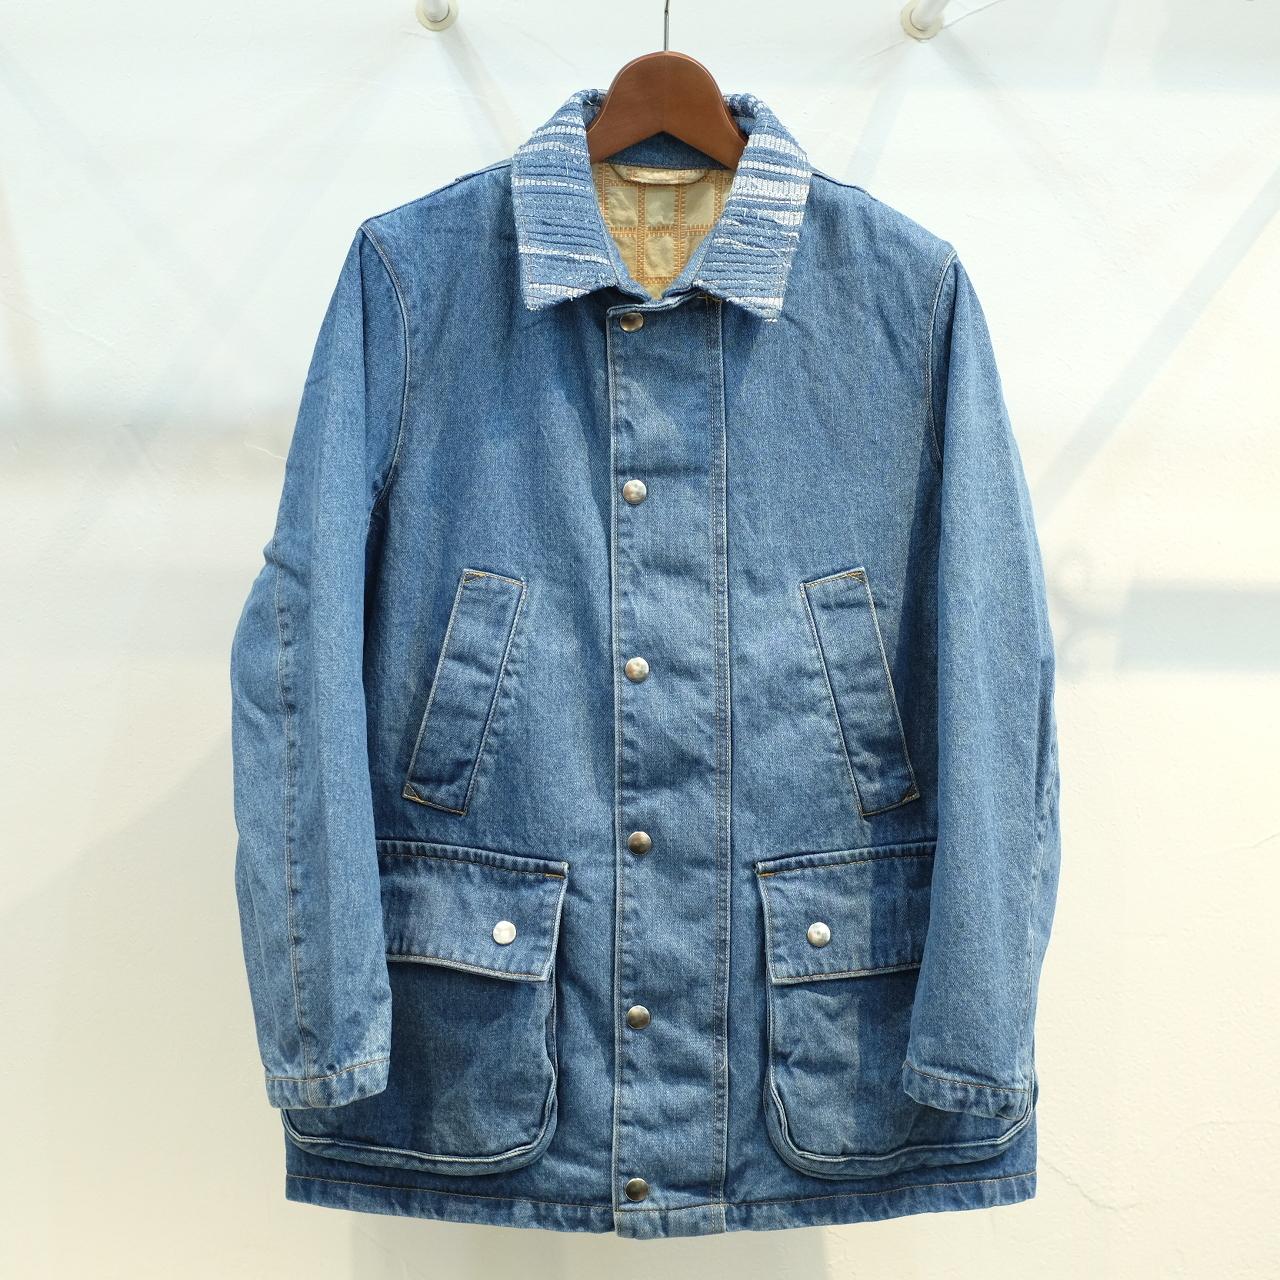 KUON(クオン) 襟裂織りフィールドジャケット(裏吉野格子) デニム